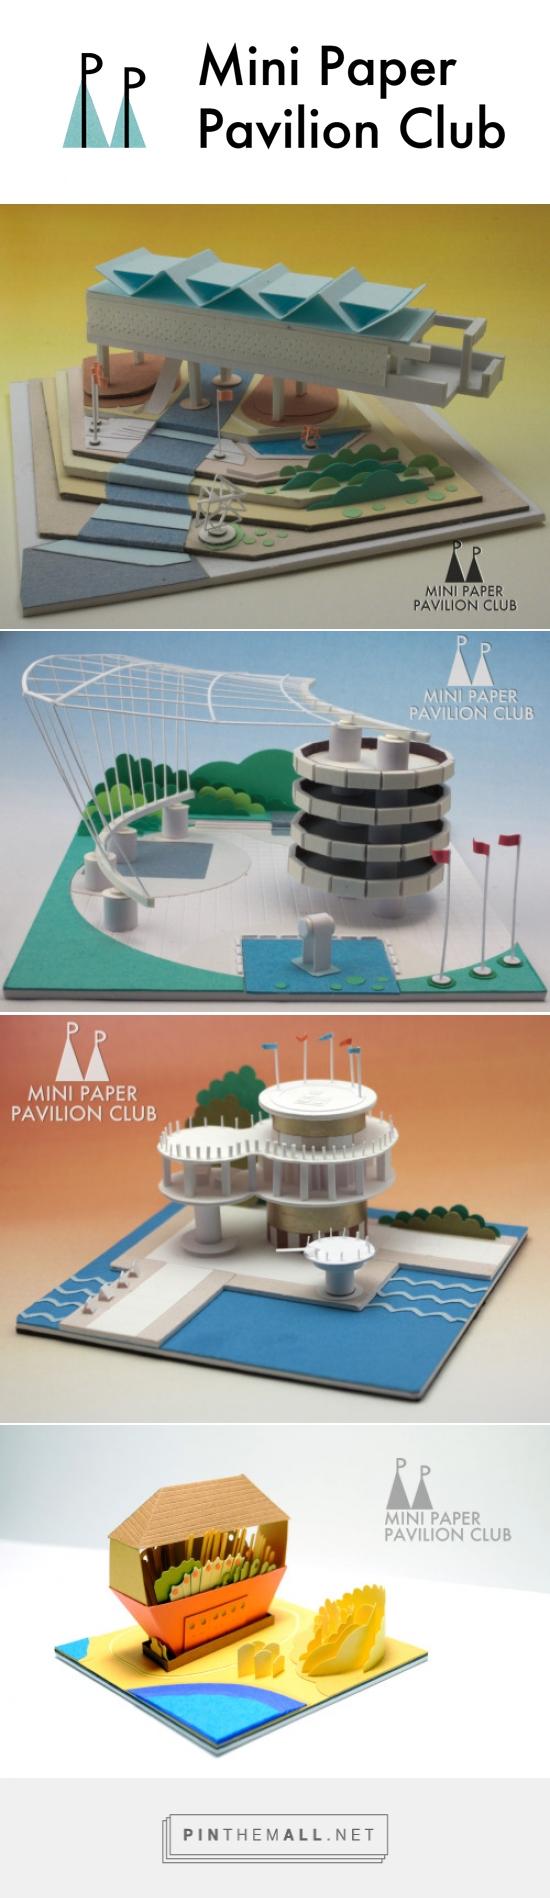 Mini Paper Pavilion Club...